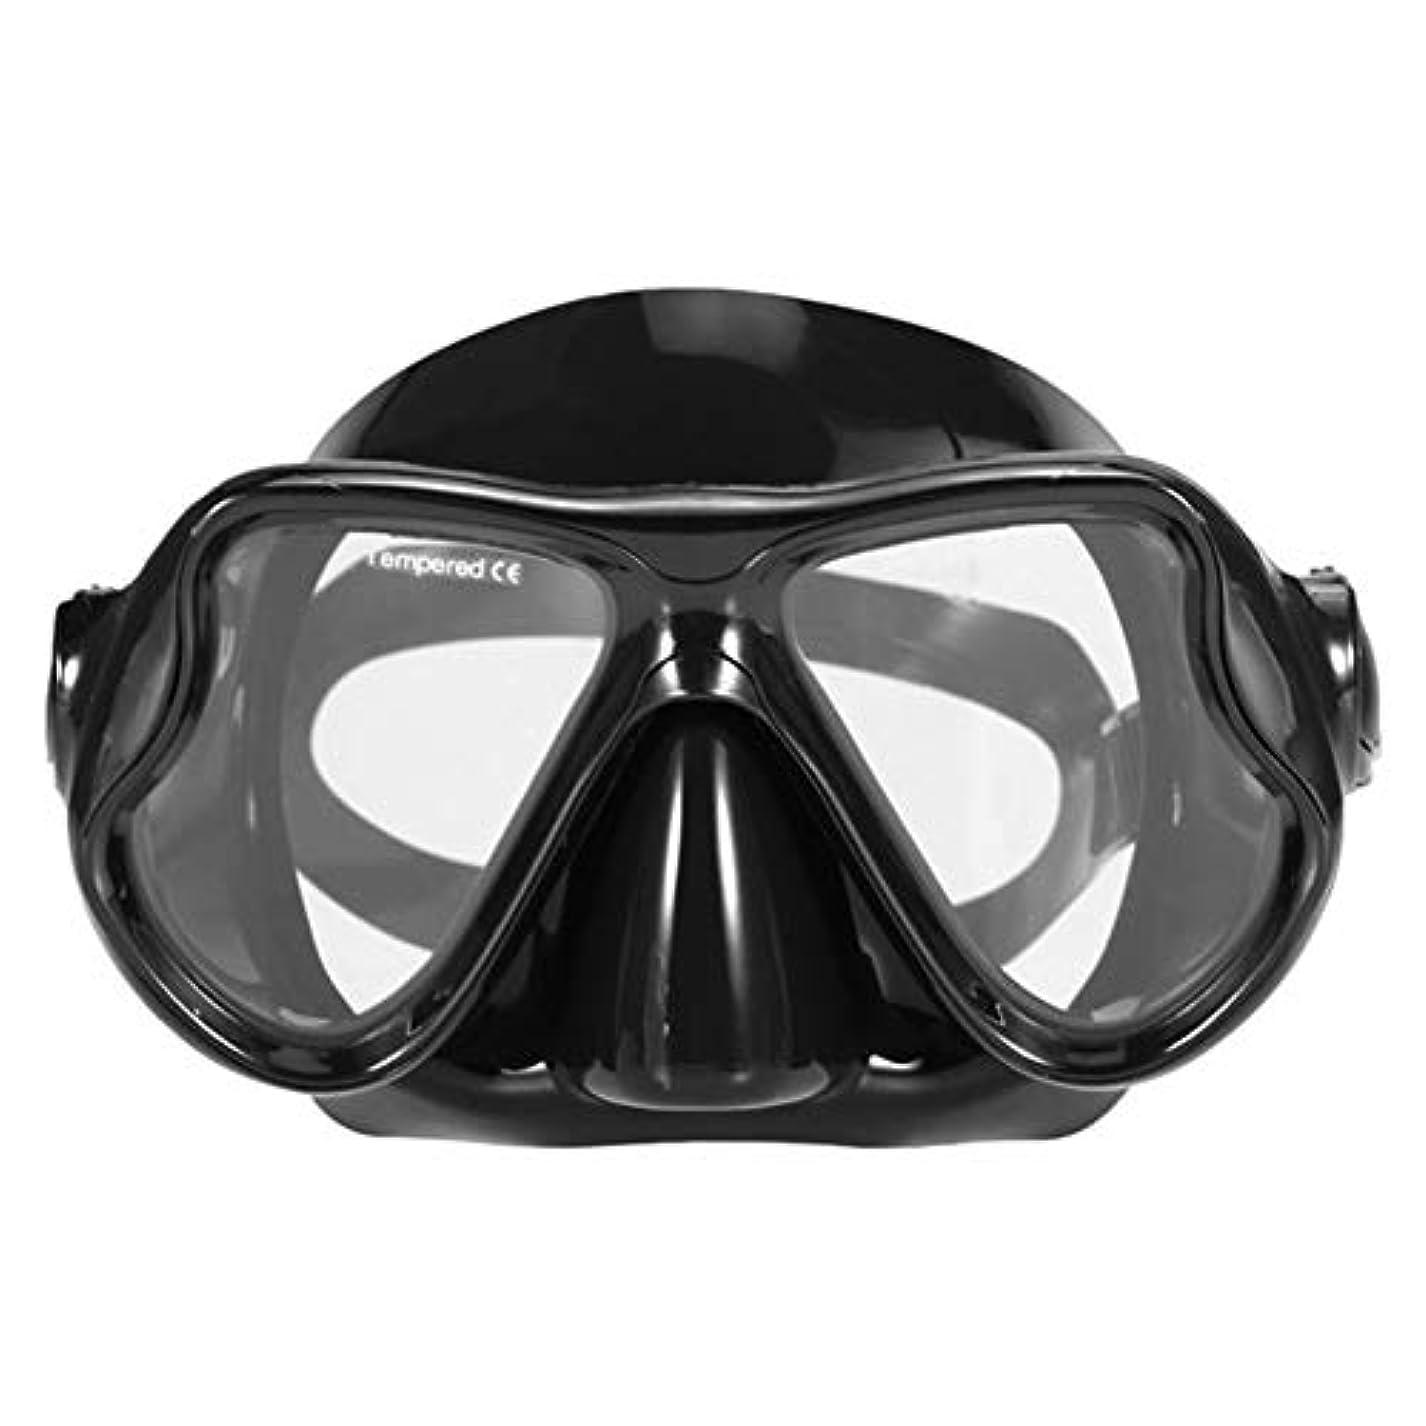 大人のダイビングマスクダイビングマスク水中呼吸チューブセット防曇シュノーケルゴーグルスイミングマスクガラス男性と女性のダイビングゴーグル g5y9k2i3rw1